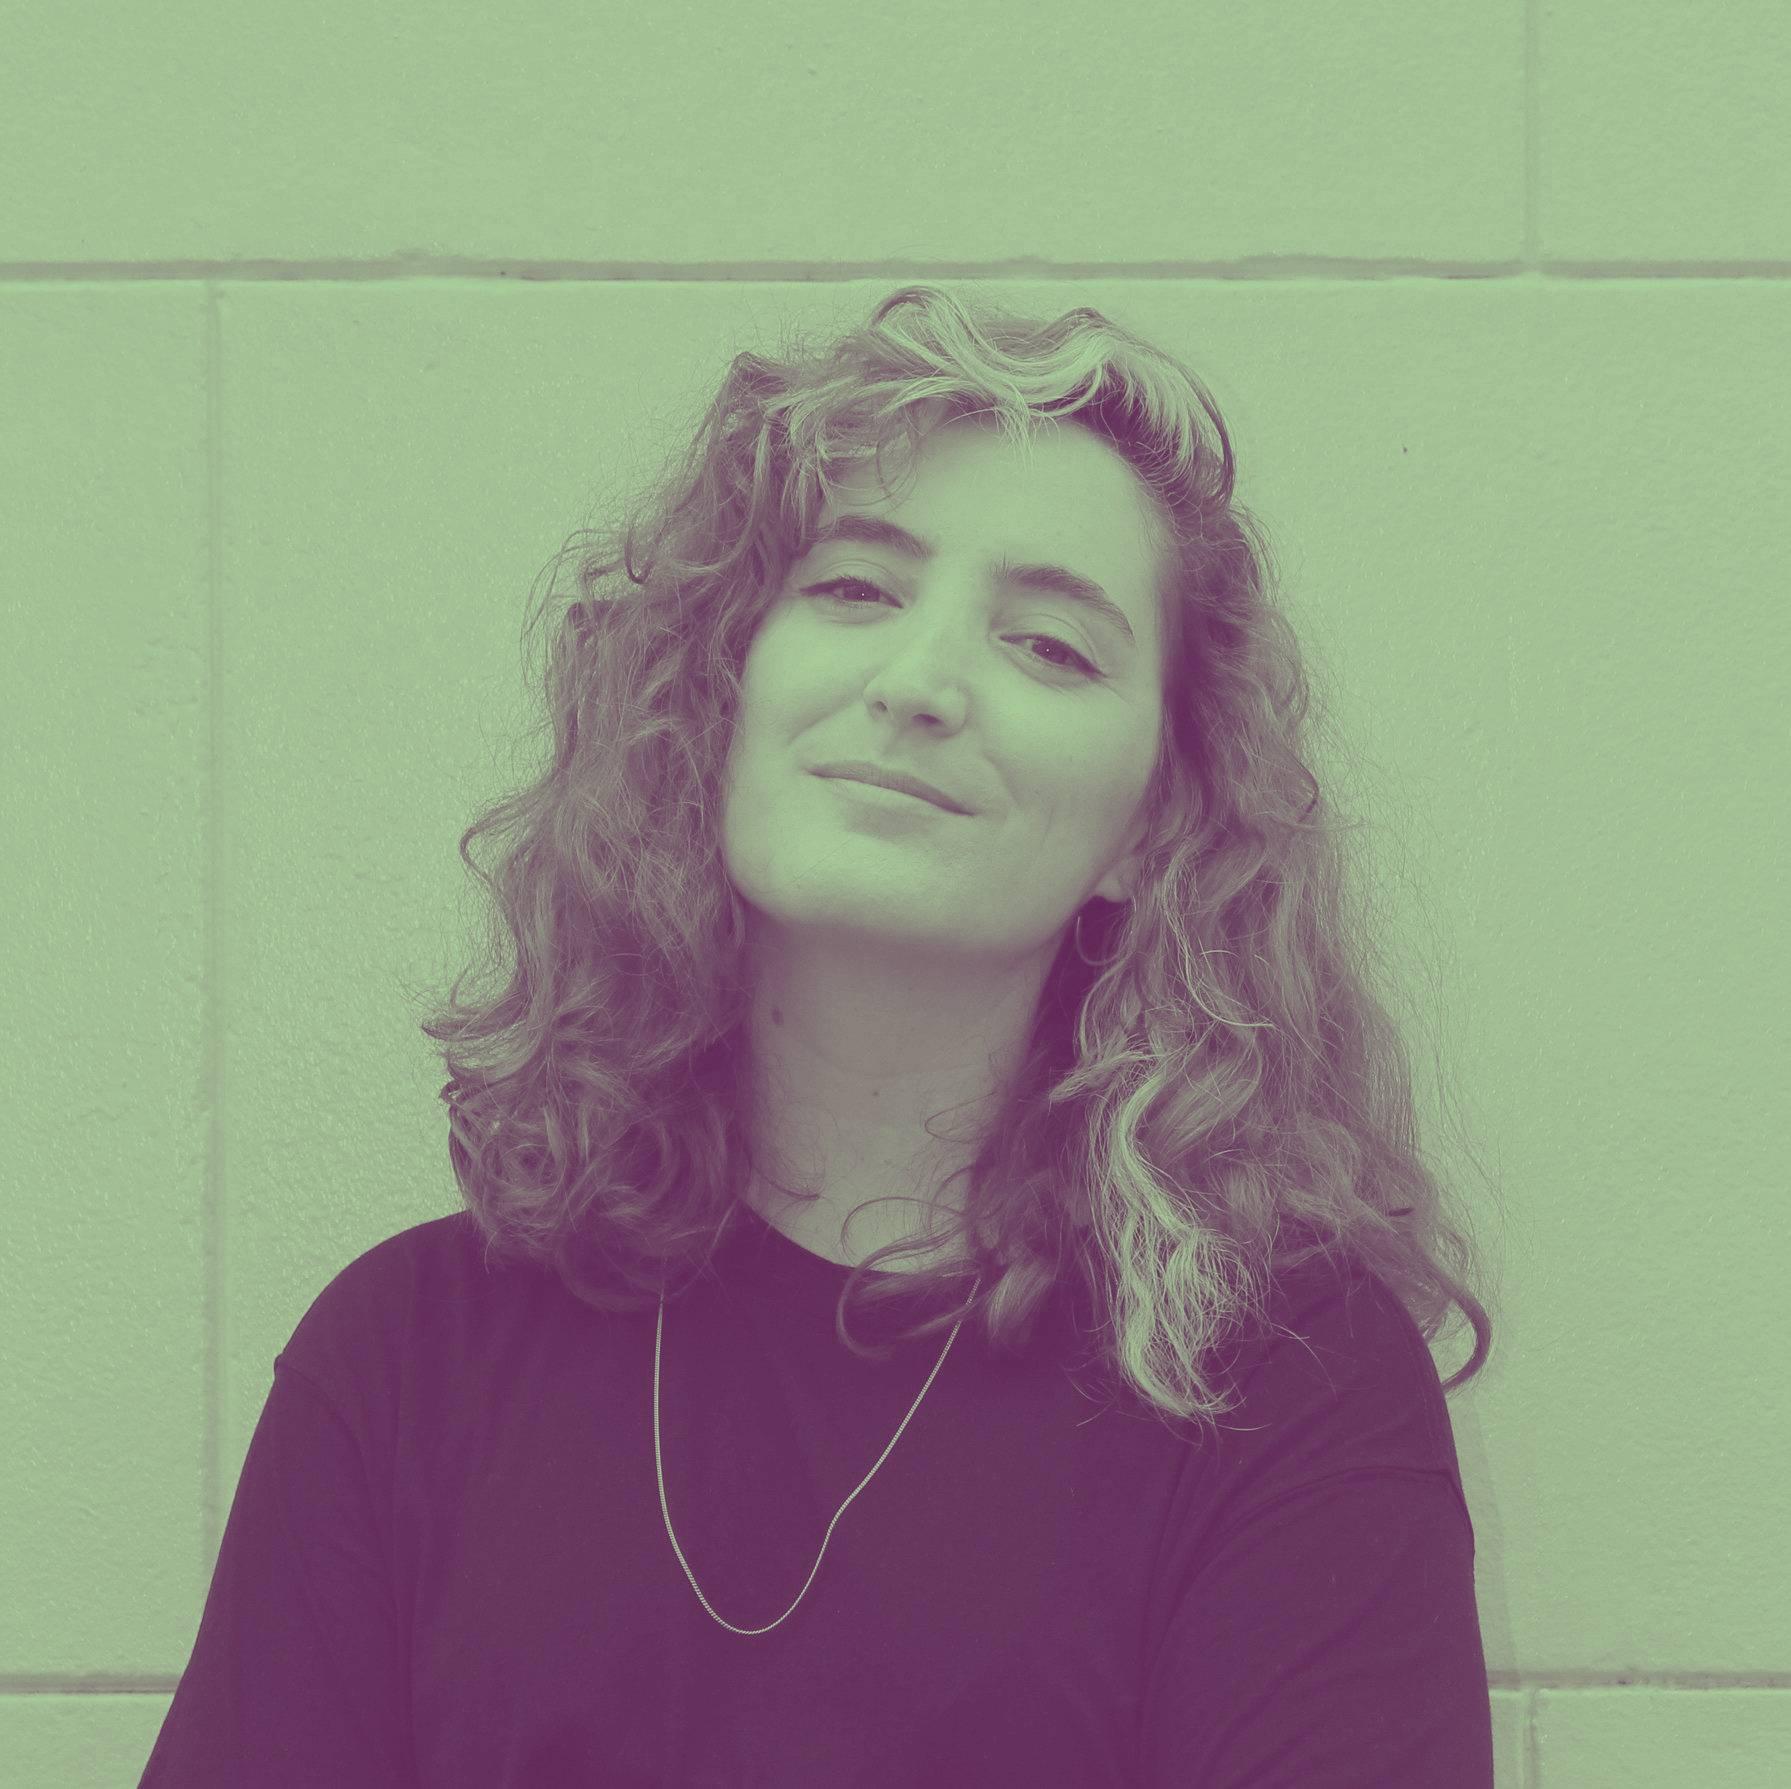 Fiorella Angelini, visual artist